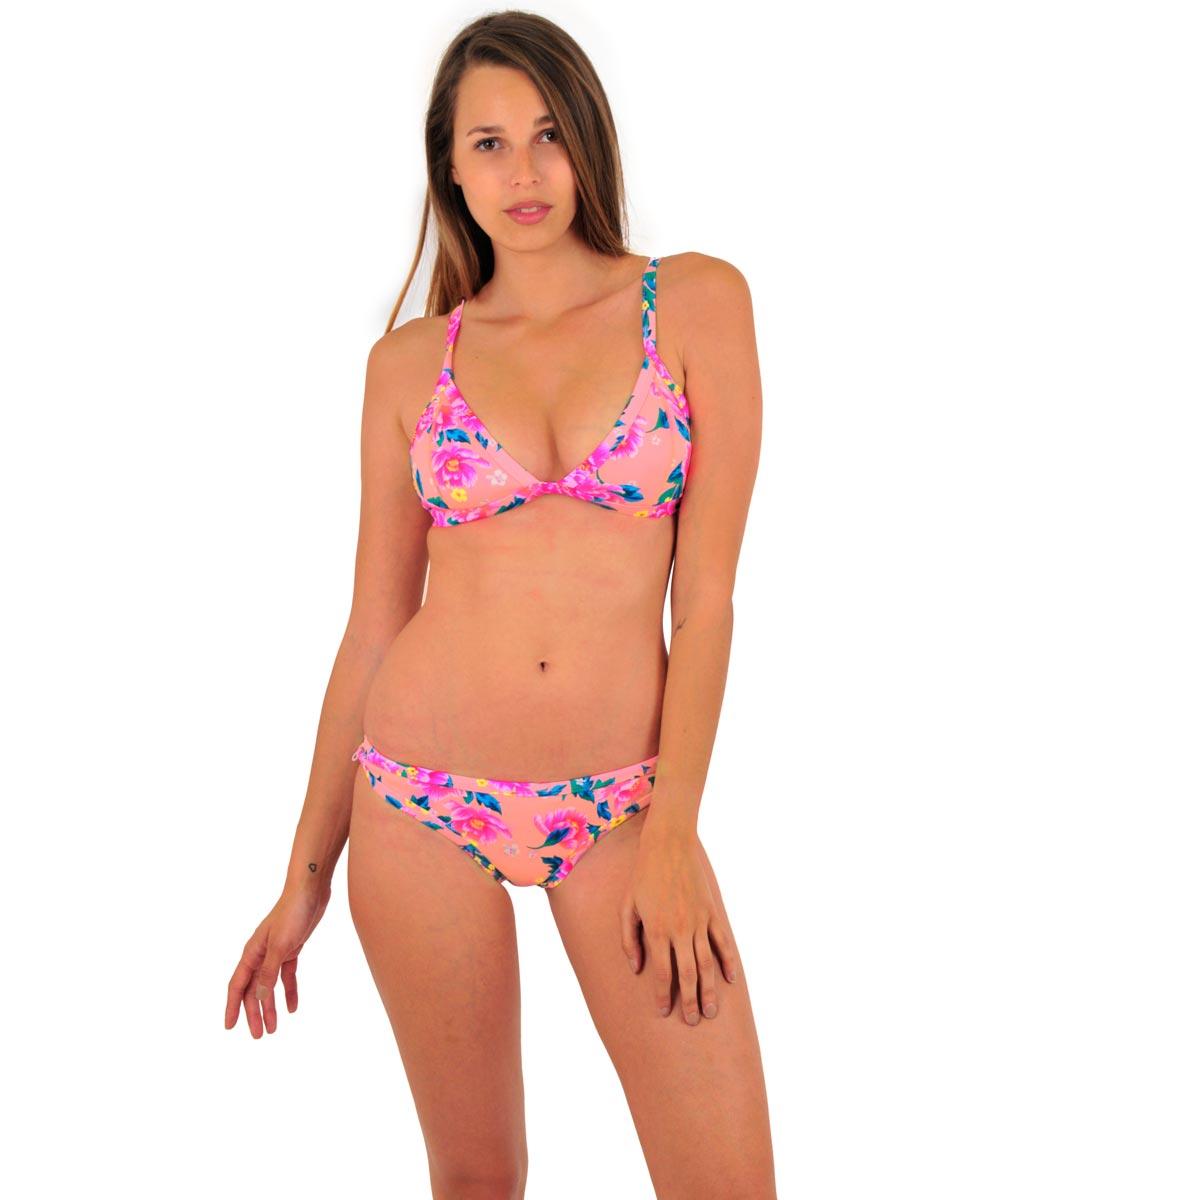 Comptoir Evreux Néoprène Pêchehaut Electricite Triangle Elbeuvien Bikini Fleur Rose Mon CBoerdx